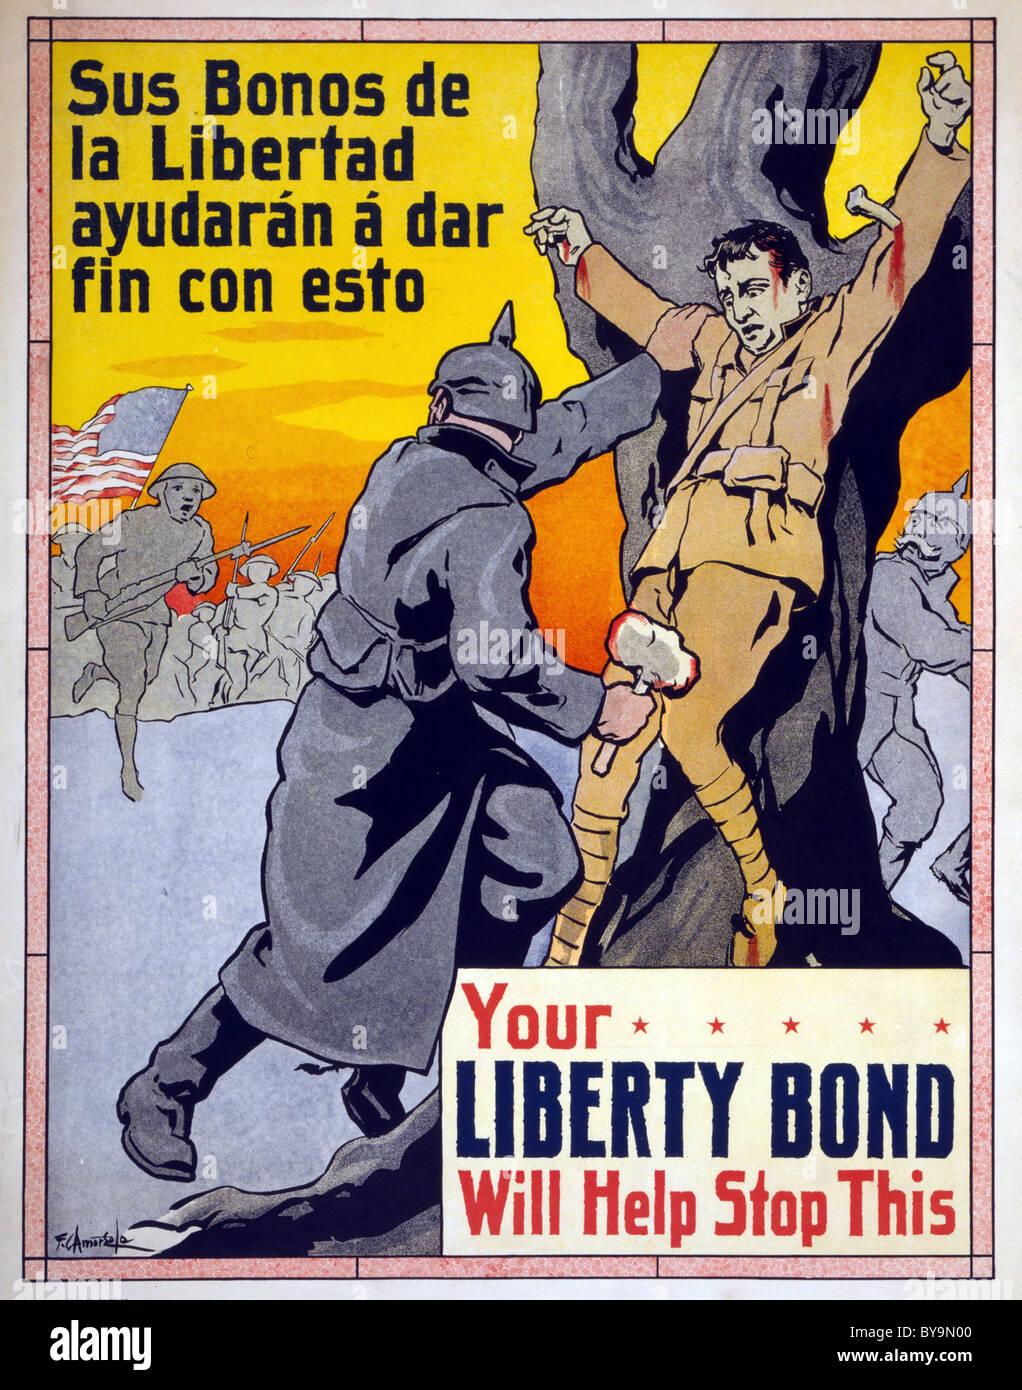 La vostra libertà legame servirà a fermare questa - US 1917 poster in inglese e spagnolo Immagini Stock